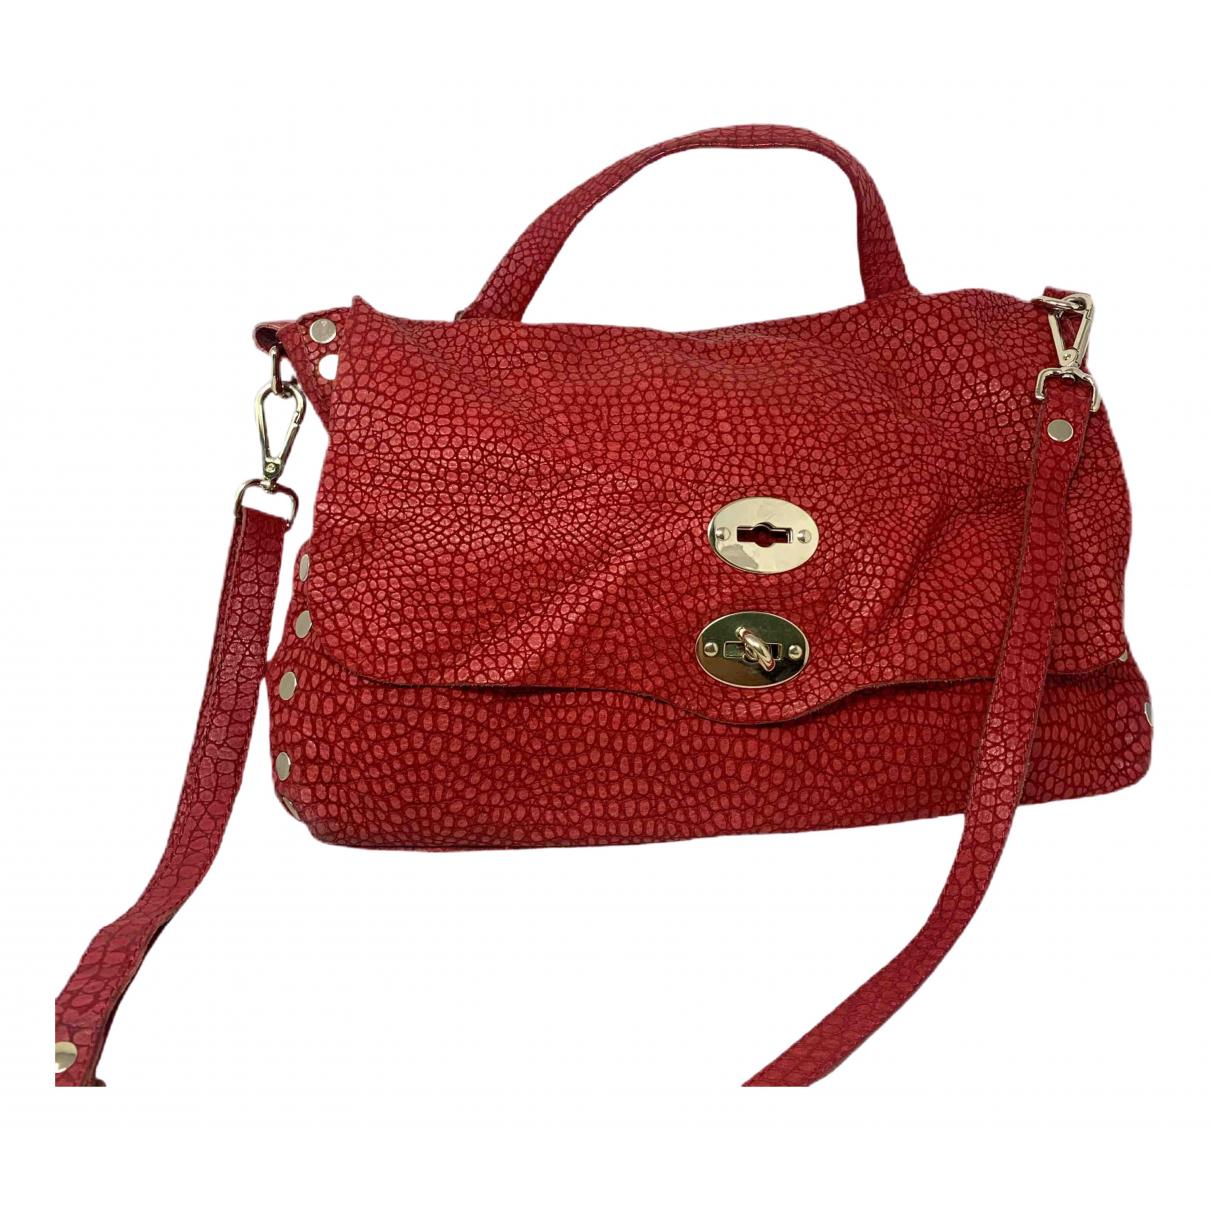 Zanellato \N Handtasche in  Rot Leder